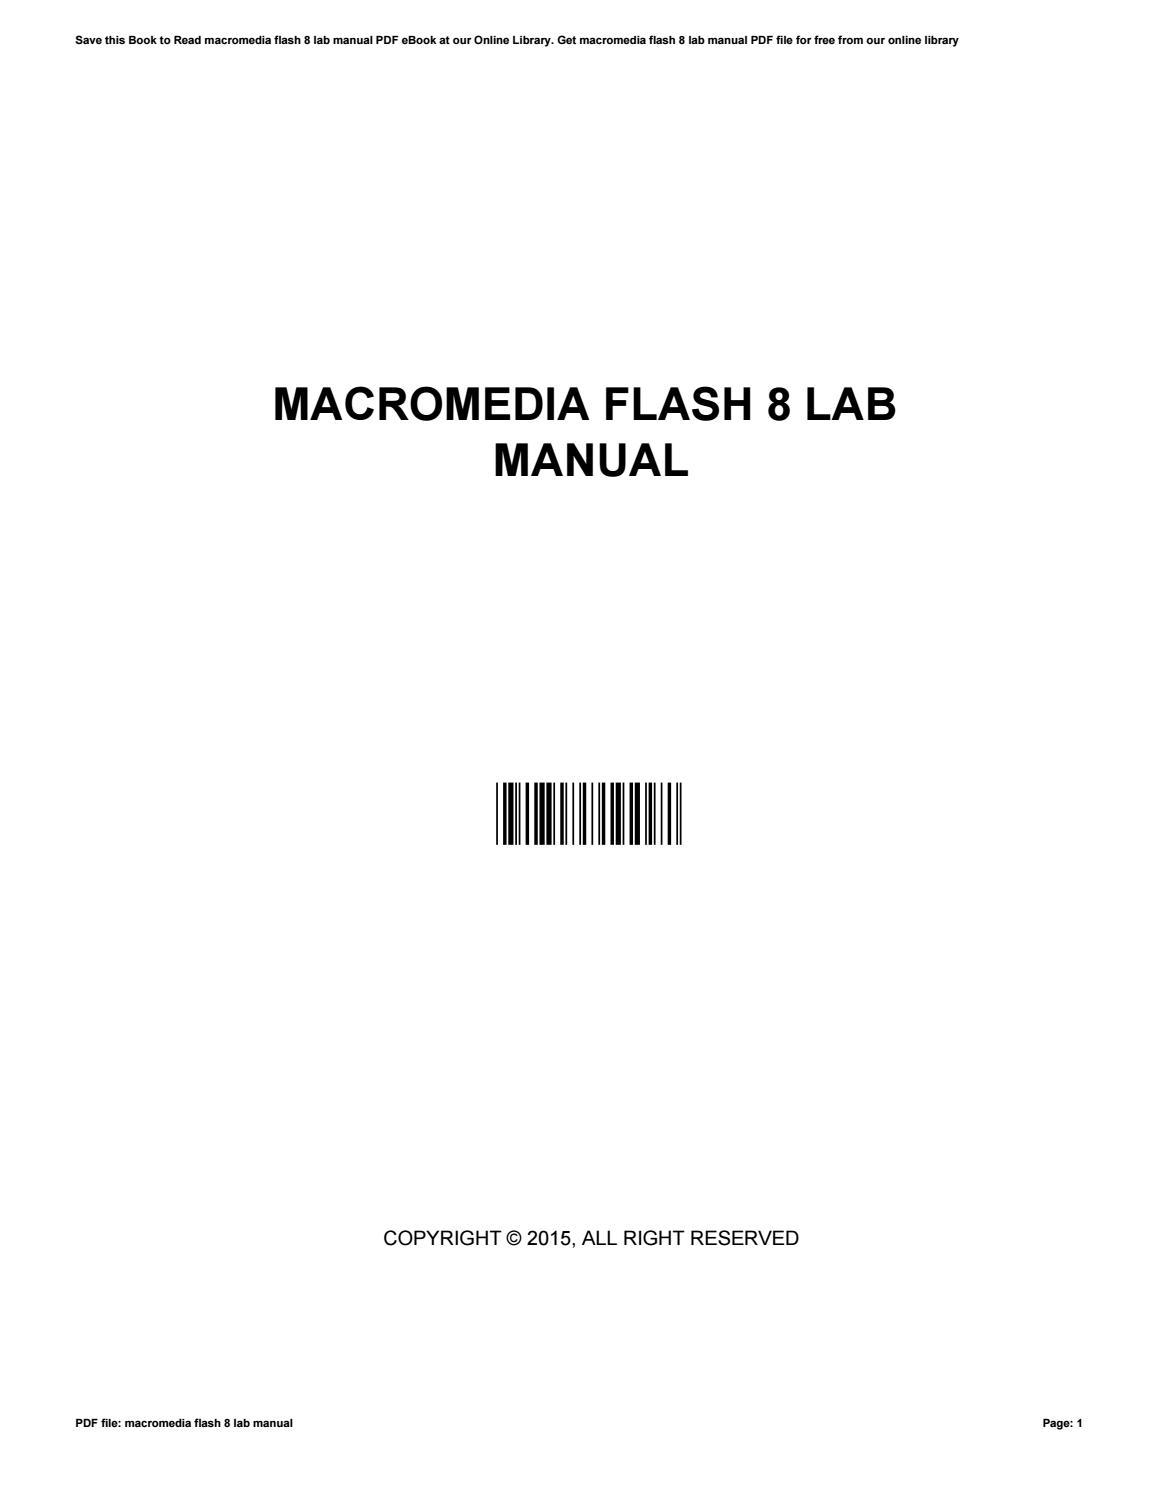 Macromedia flash 8 инструкция